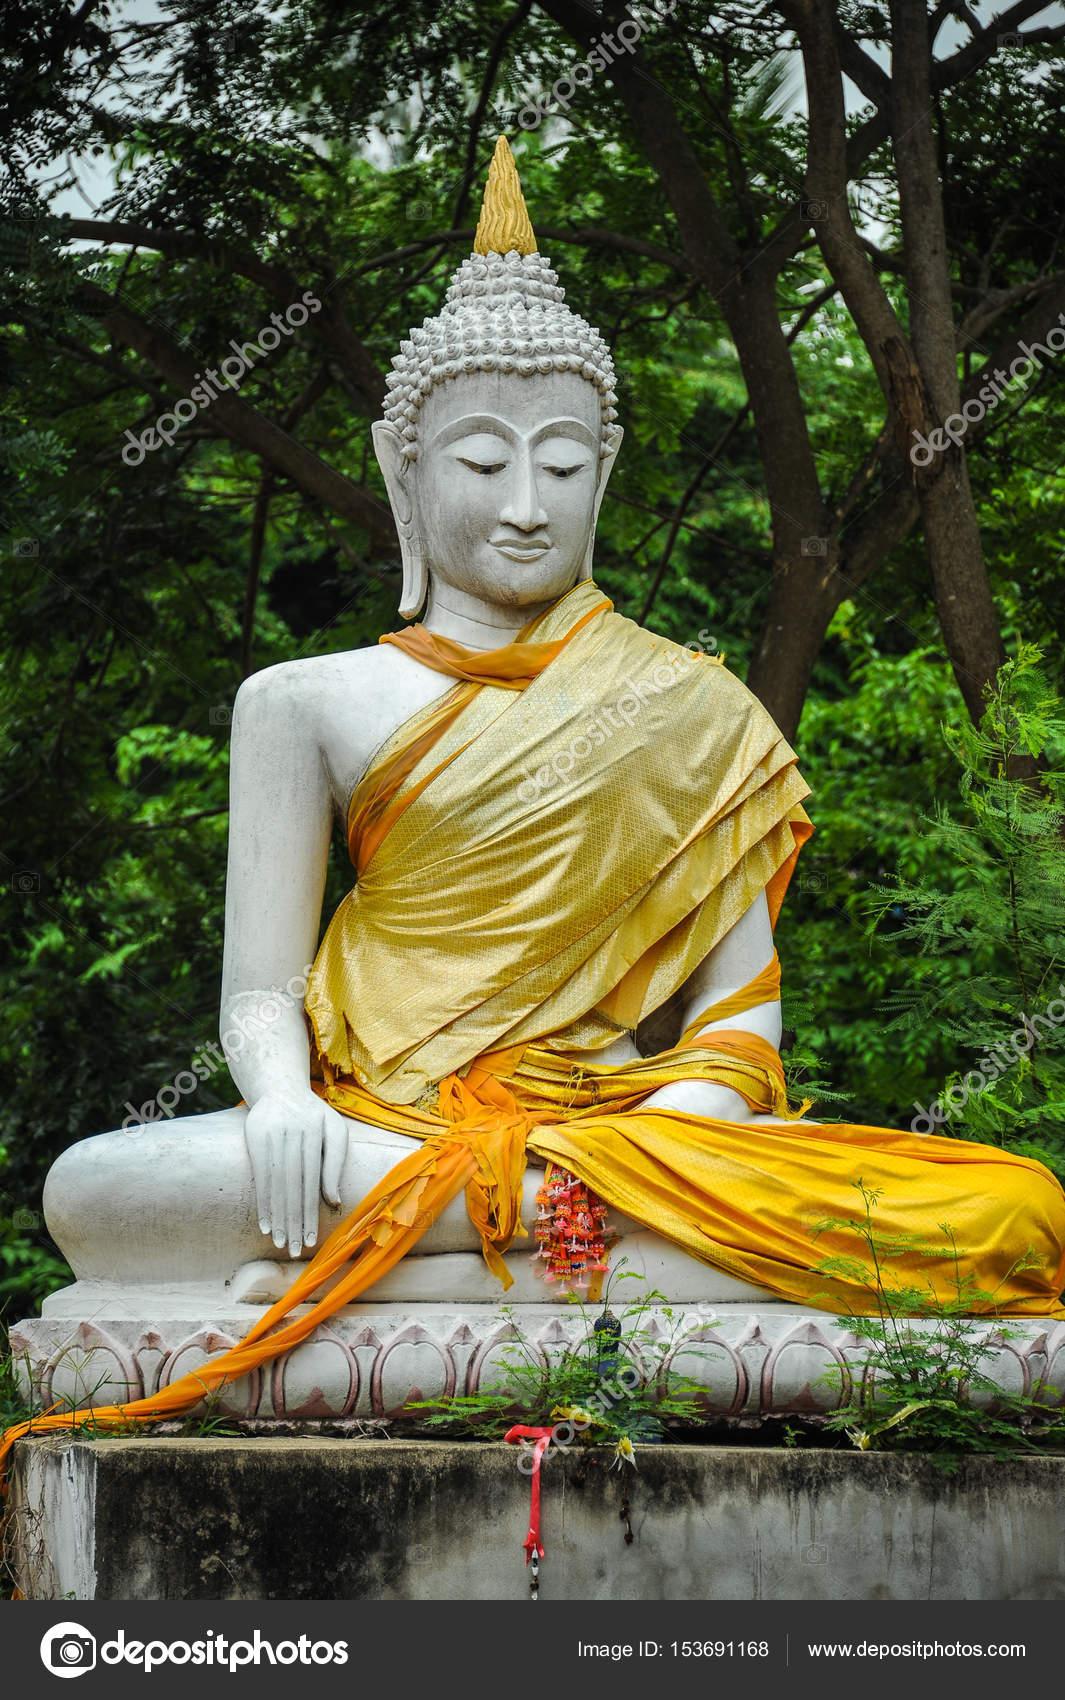 Boeddha Beelden Voor De Tuin.Witte Boeddha Beeld In Tuin Van Boeddhistische Tempel Stockfoto